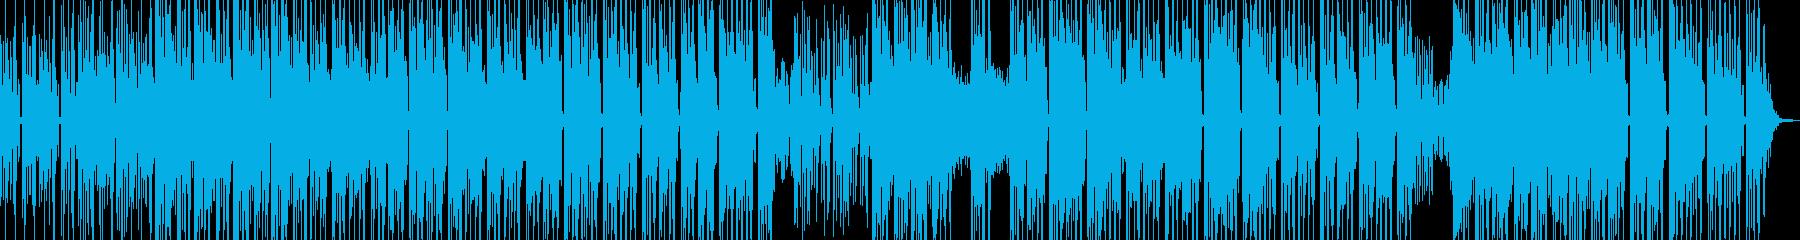 エジプト・エスニックR&Bポップ L+の再生済みの波形